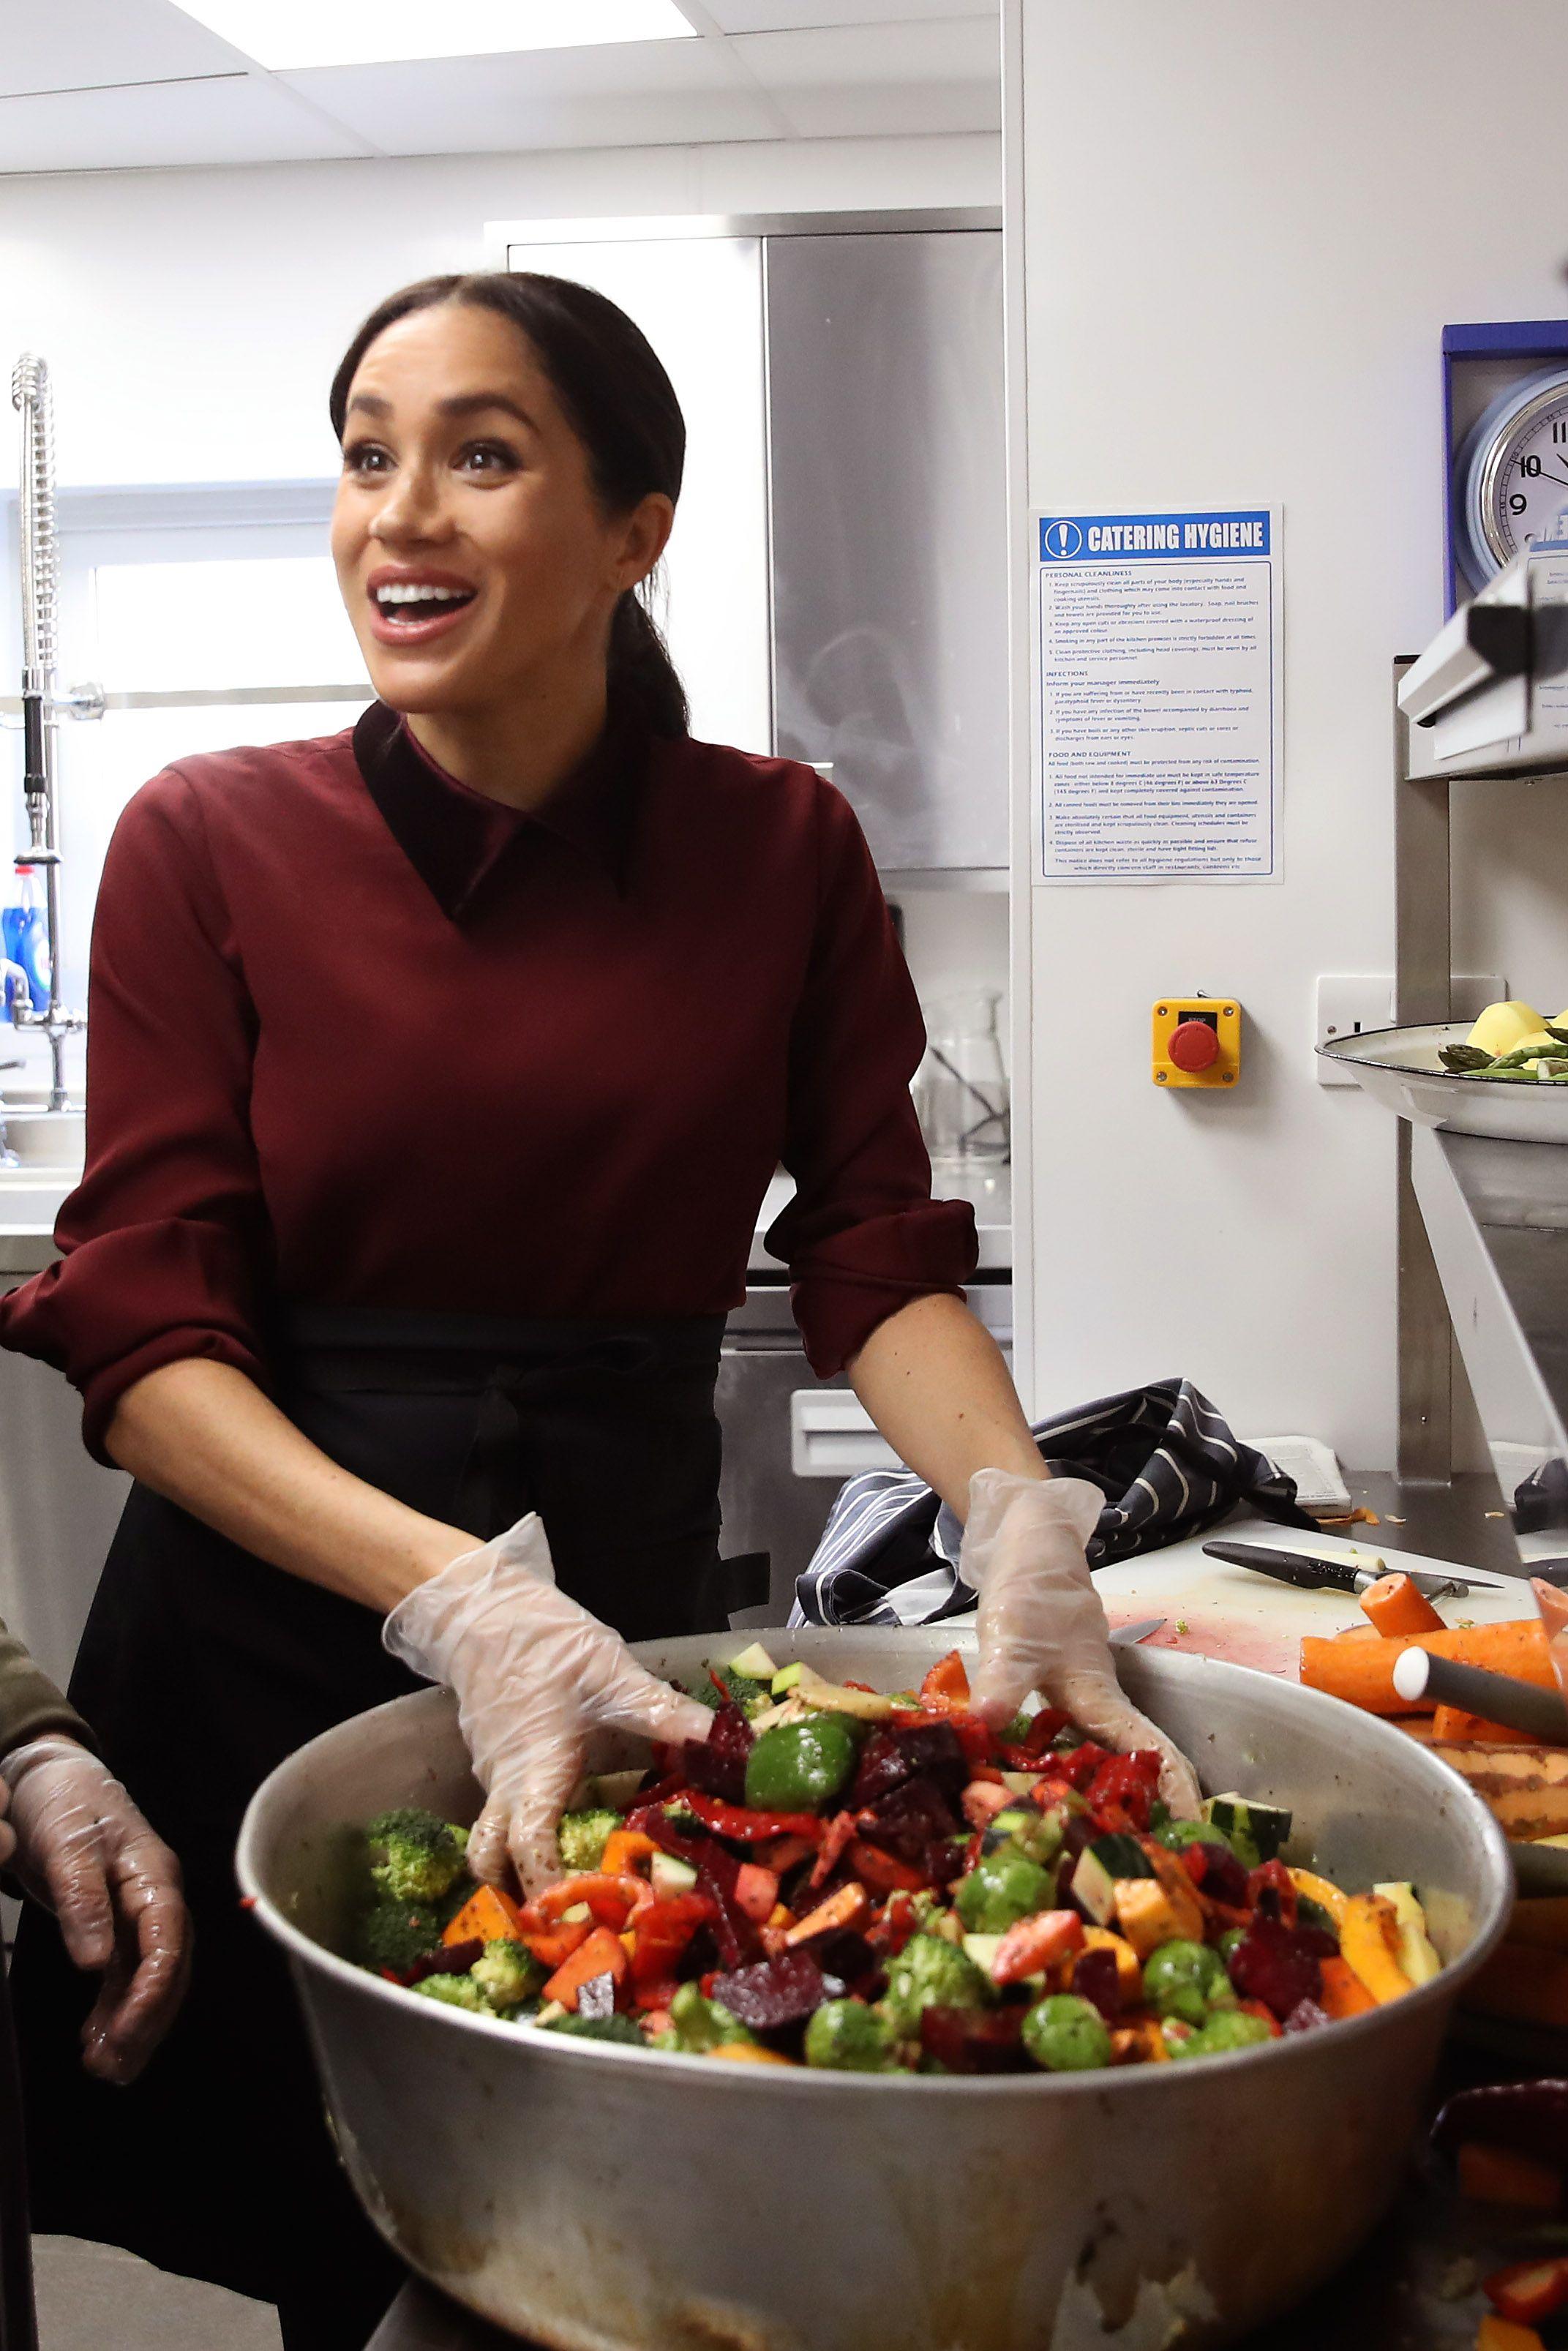 Принц Гарри и Меган Маркл помогут справиться с мировым голодом